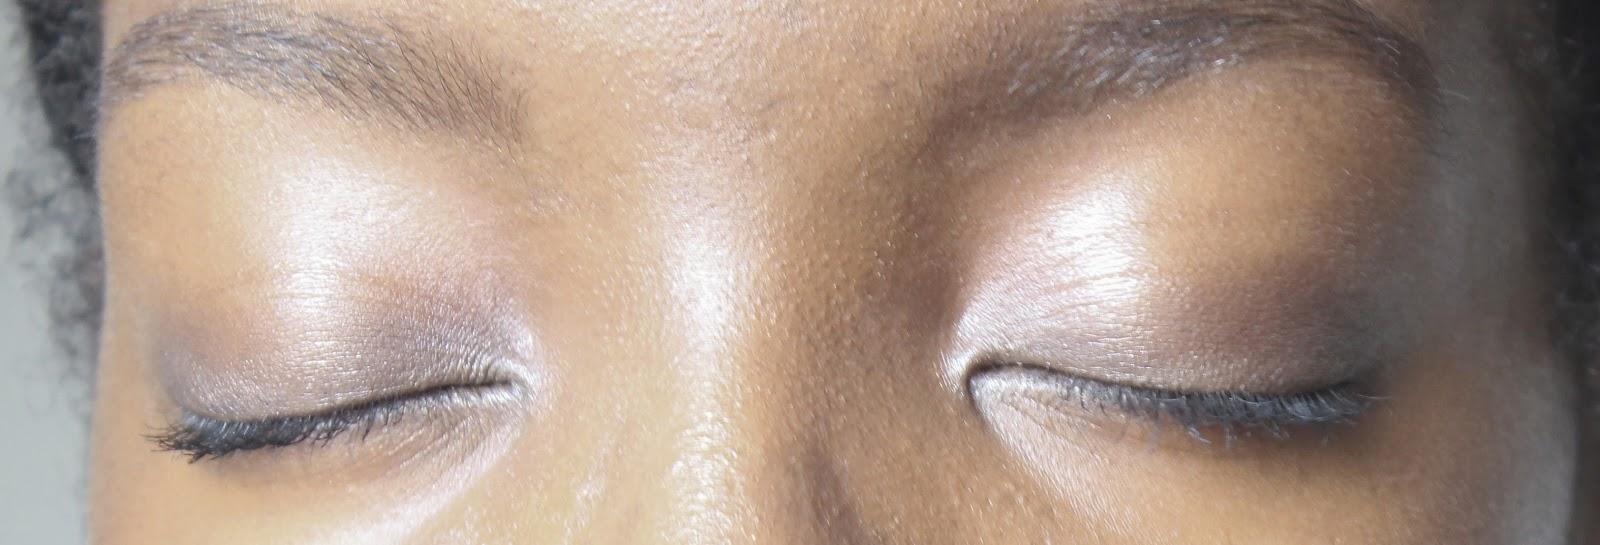 maquillage-yeux-fermés